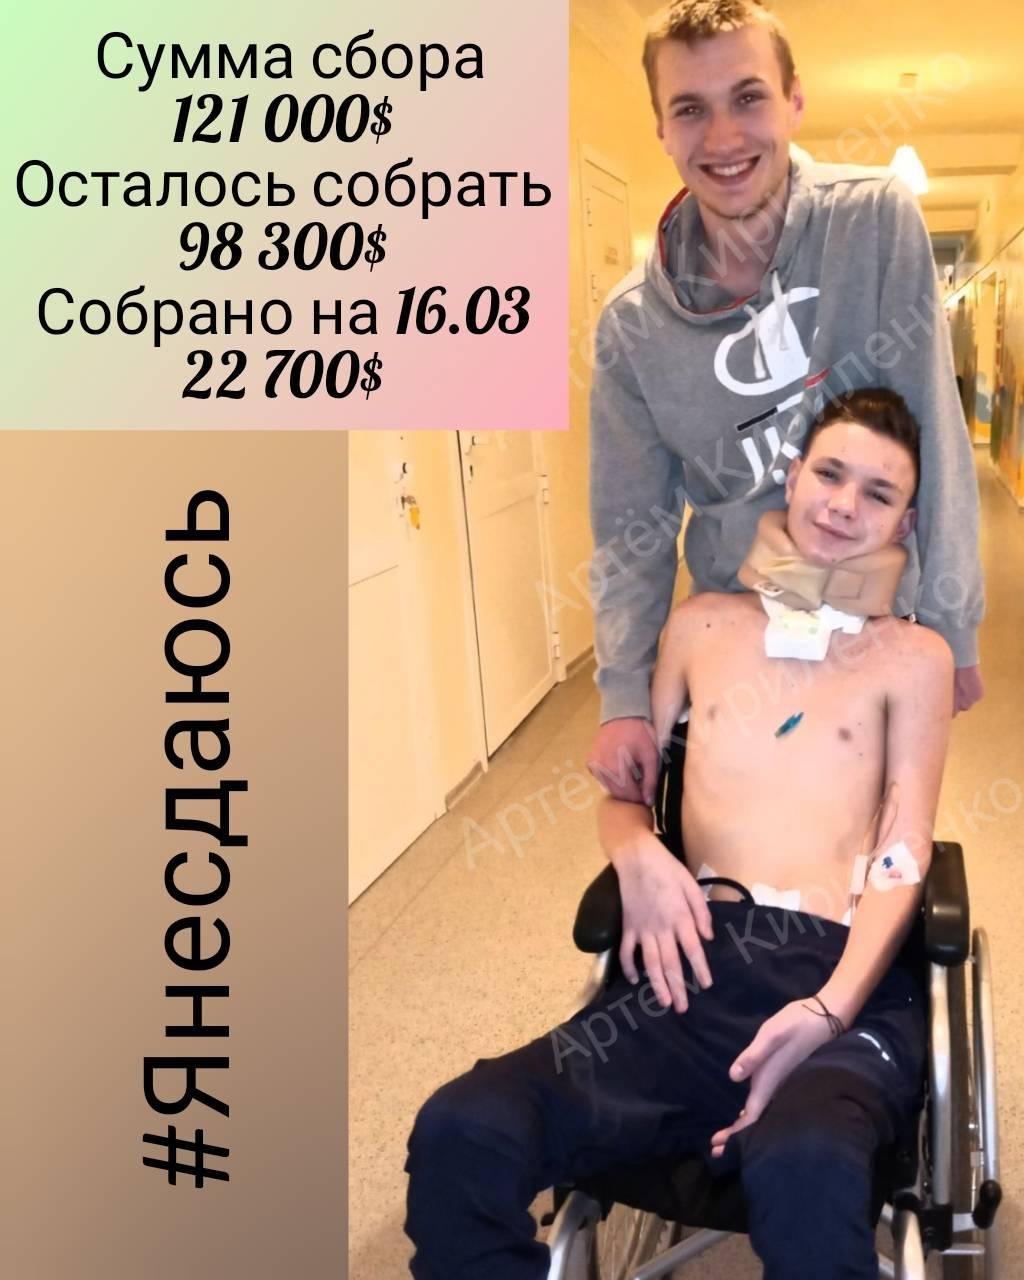 Кириленко Артем